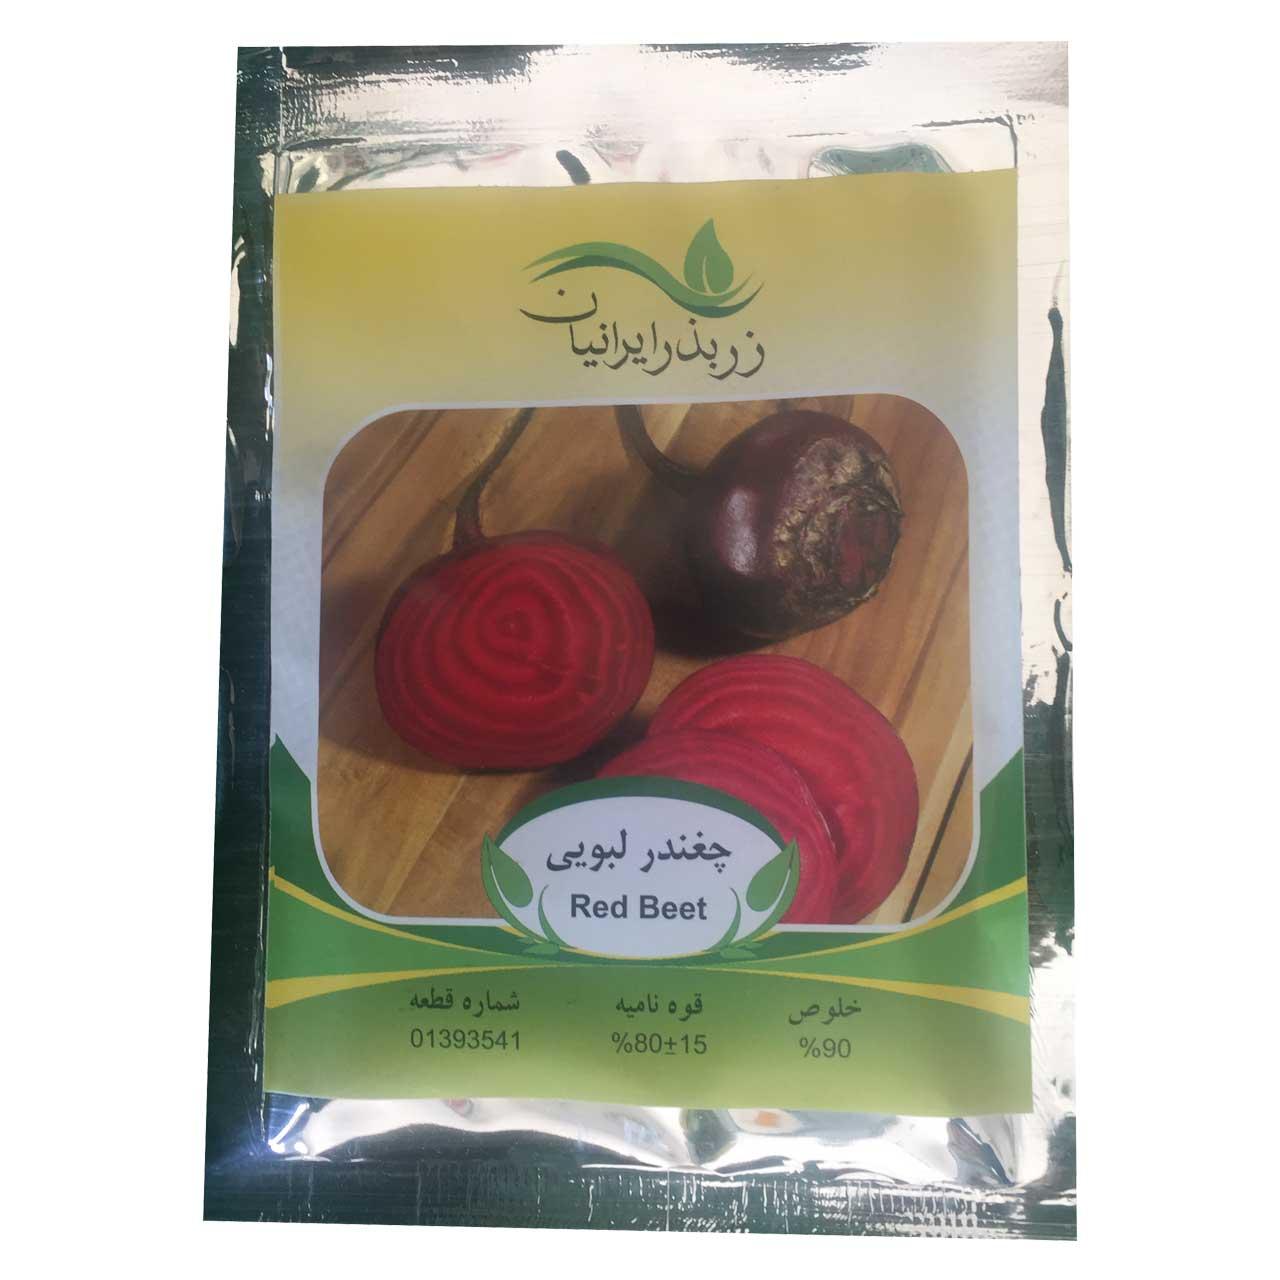 بذر چغندر لبویی زر بذر ایرانیان مدل P27